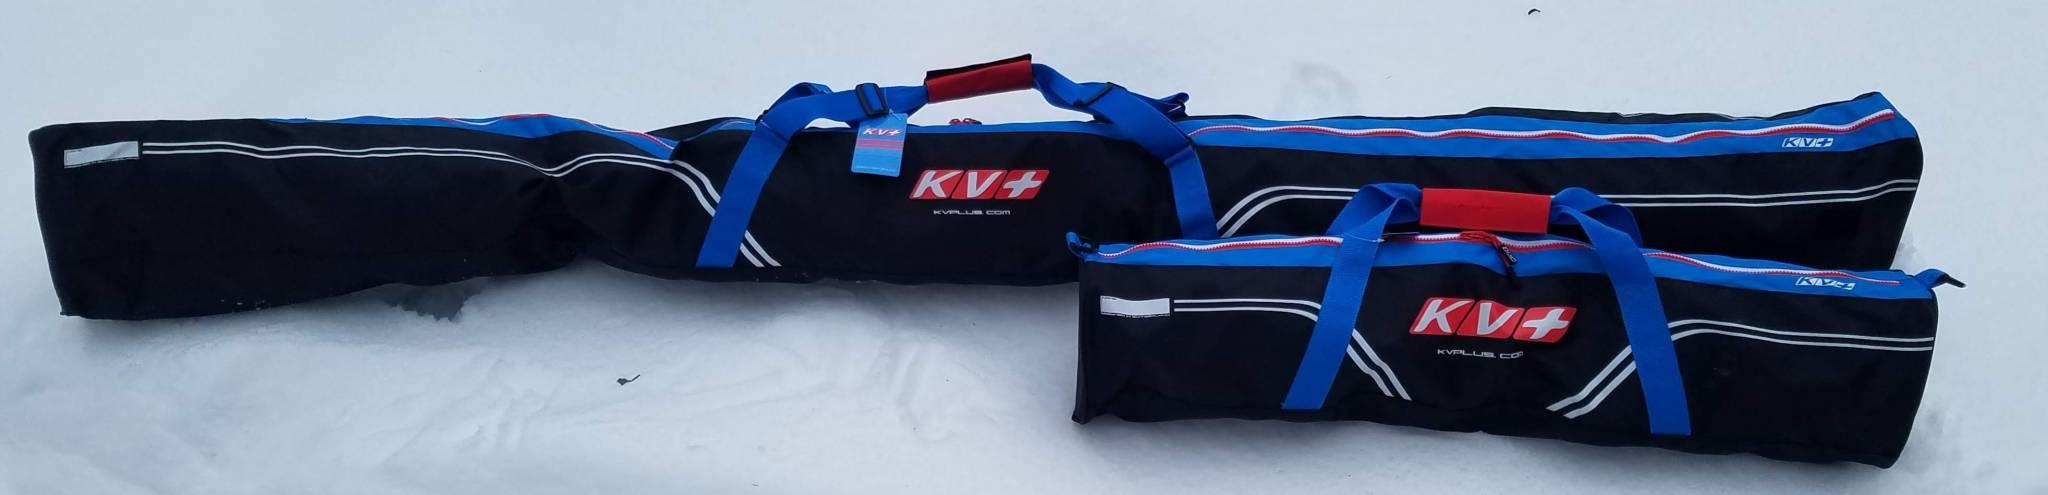 Ski bag. Rollski Bag.